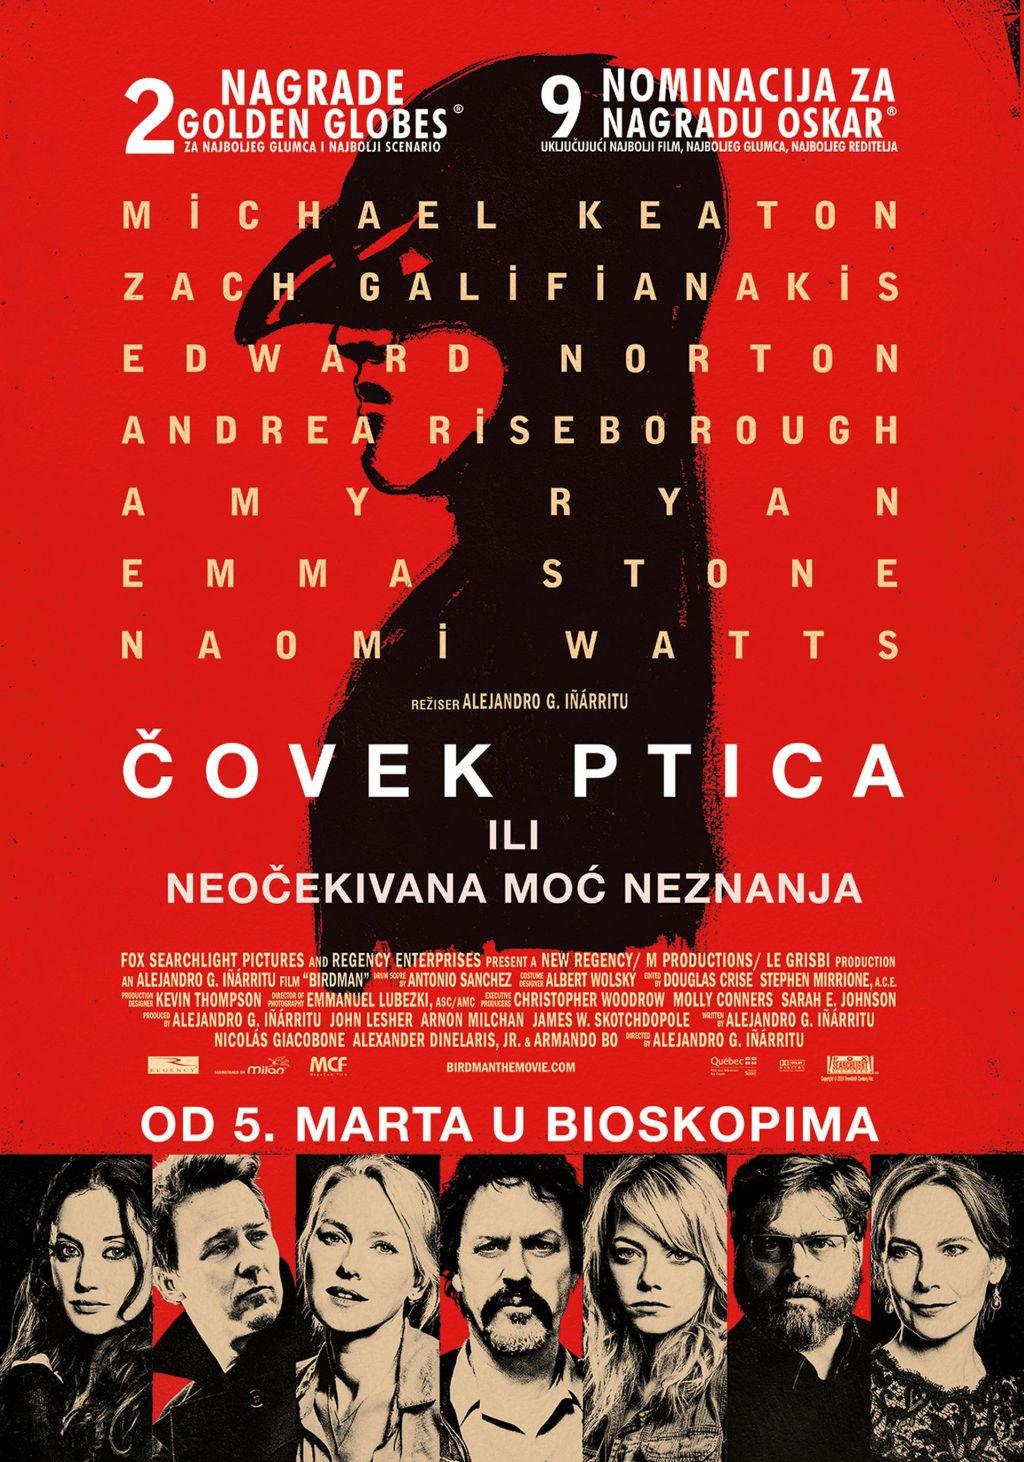 Covek_ptica